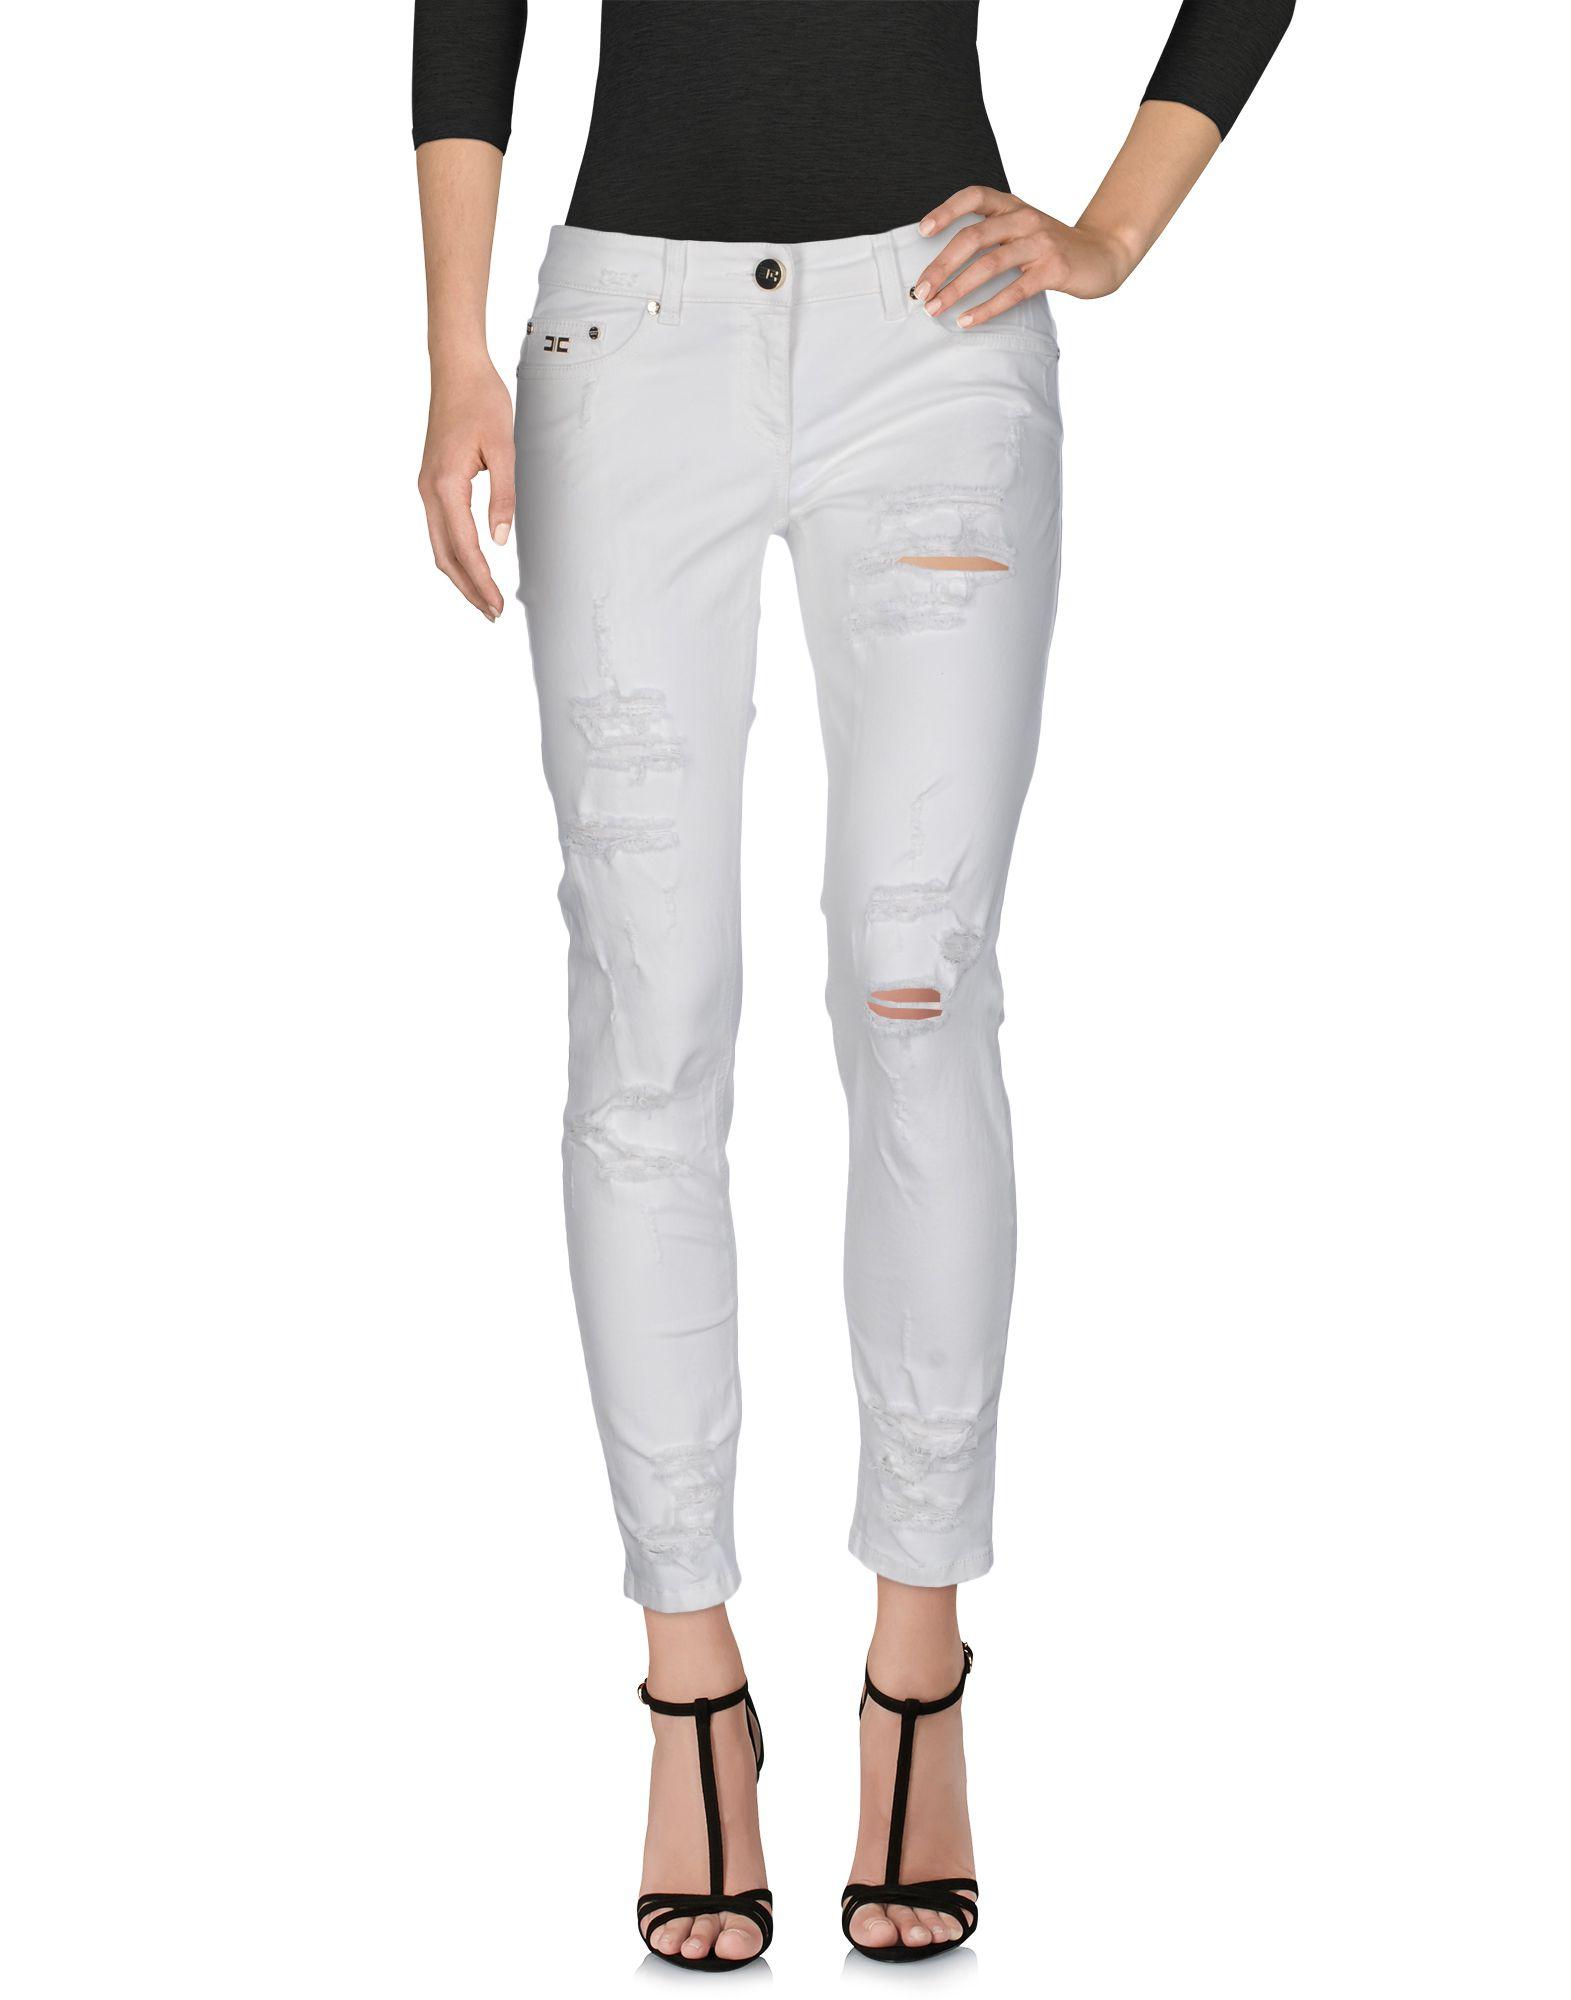 ELISABETTA FRANCHI JEANS Damen Jeanshose Farbe Elfenbein Größe 5